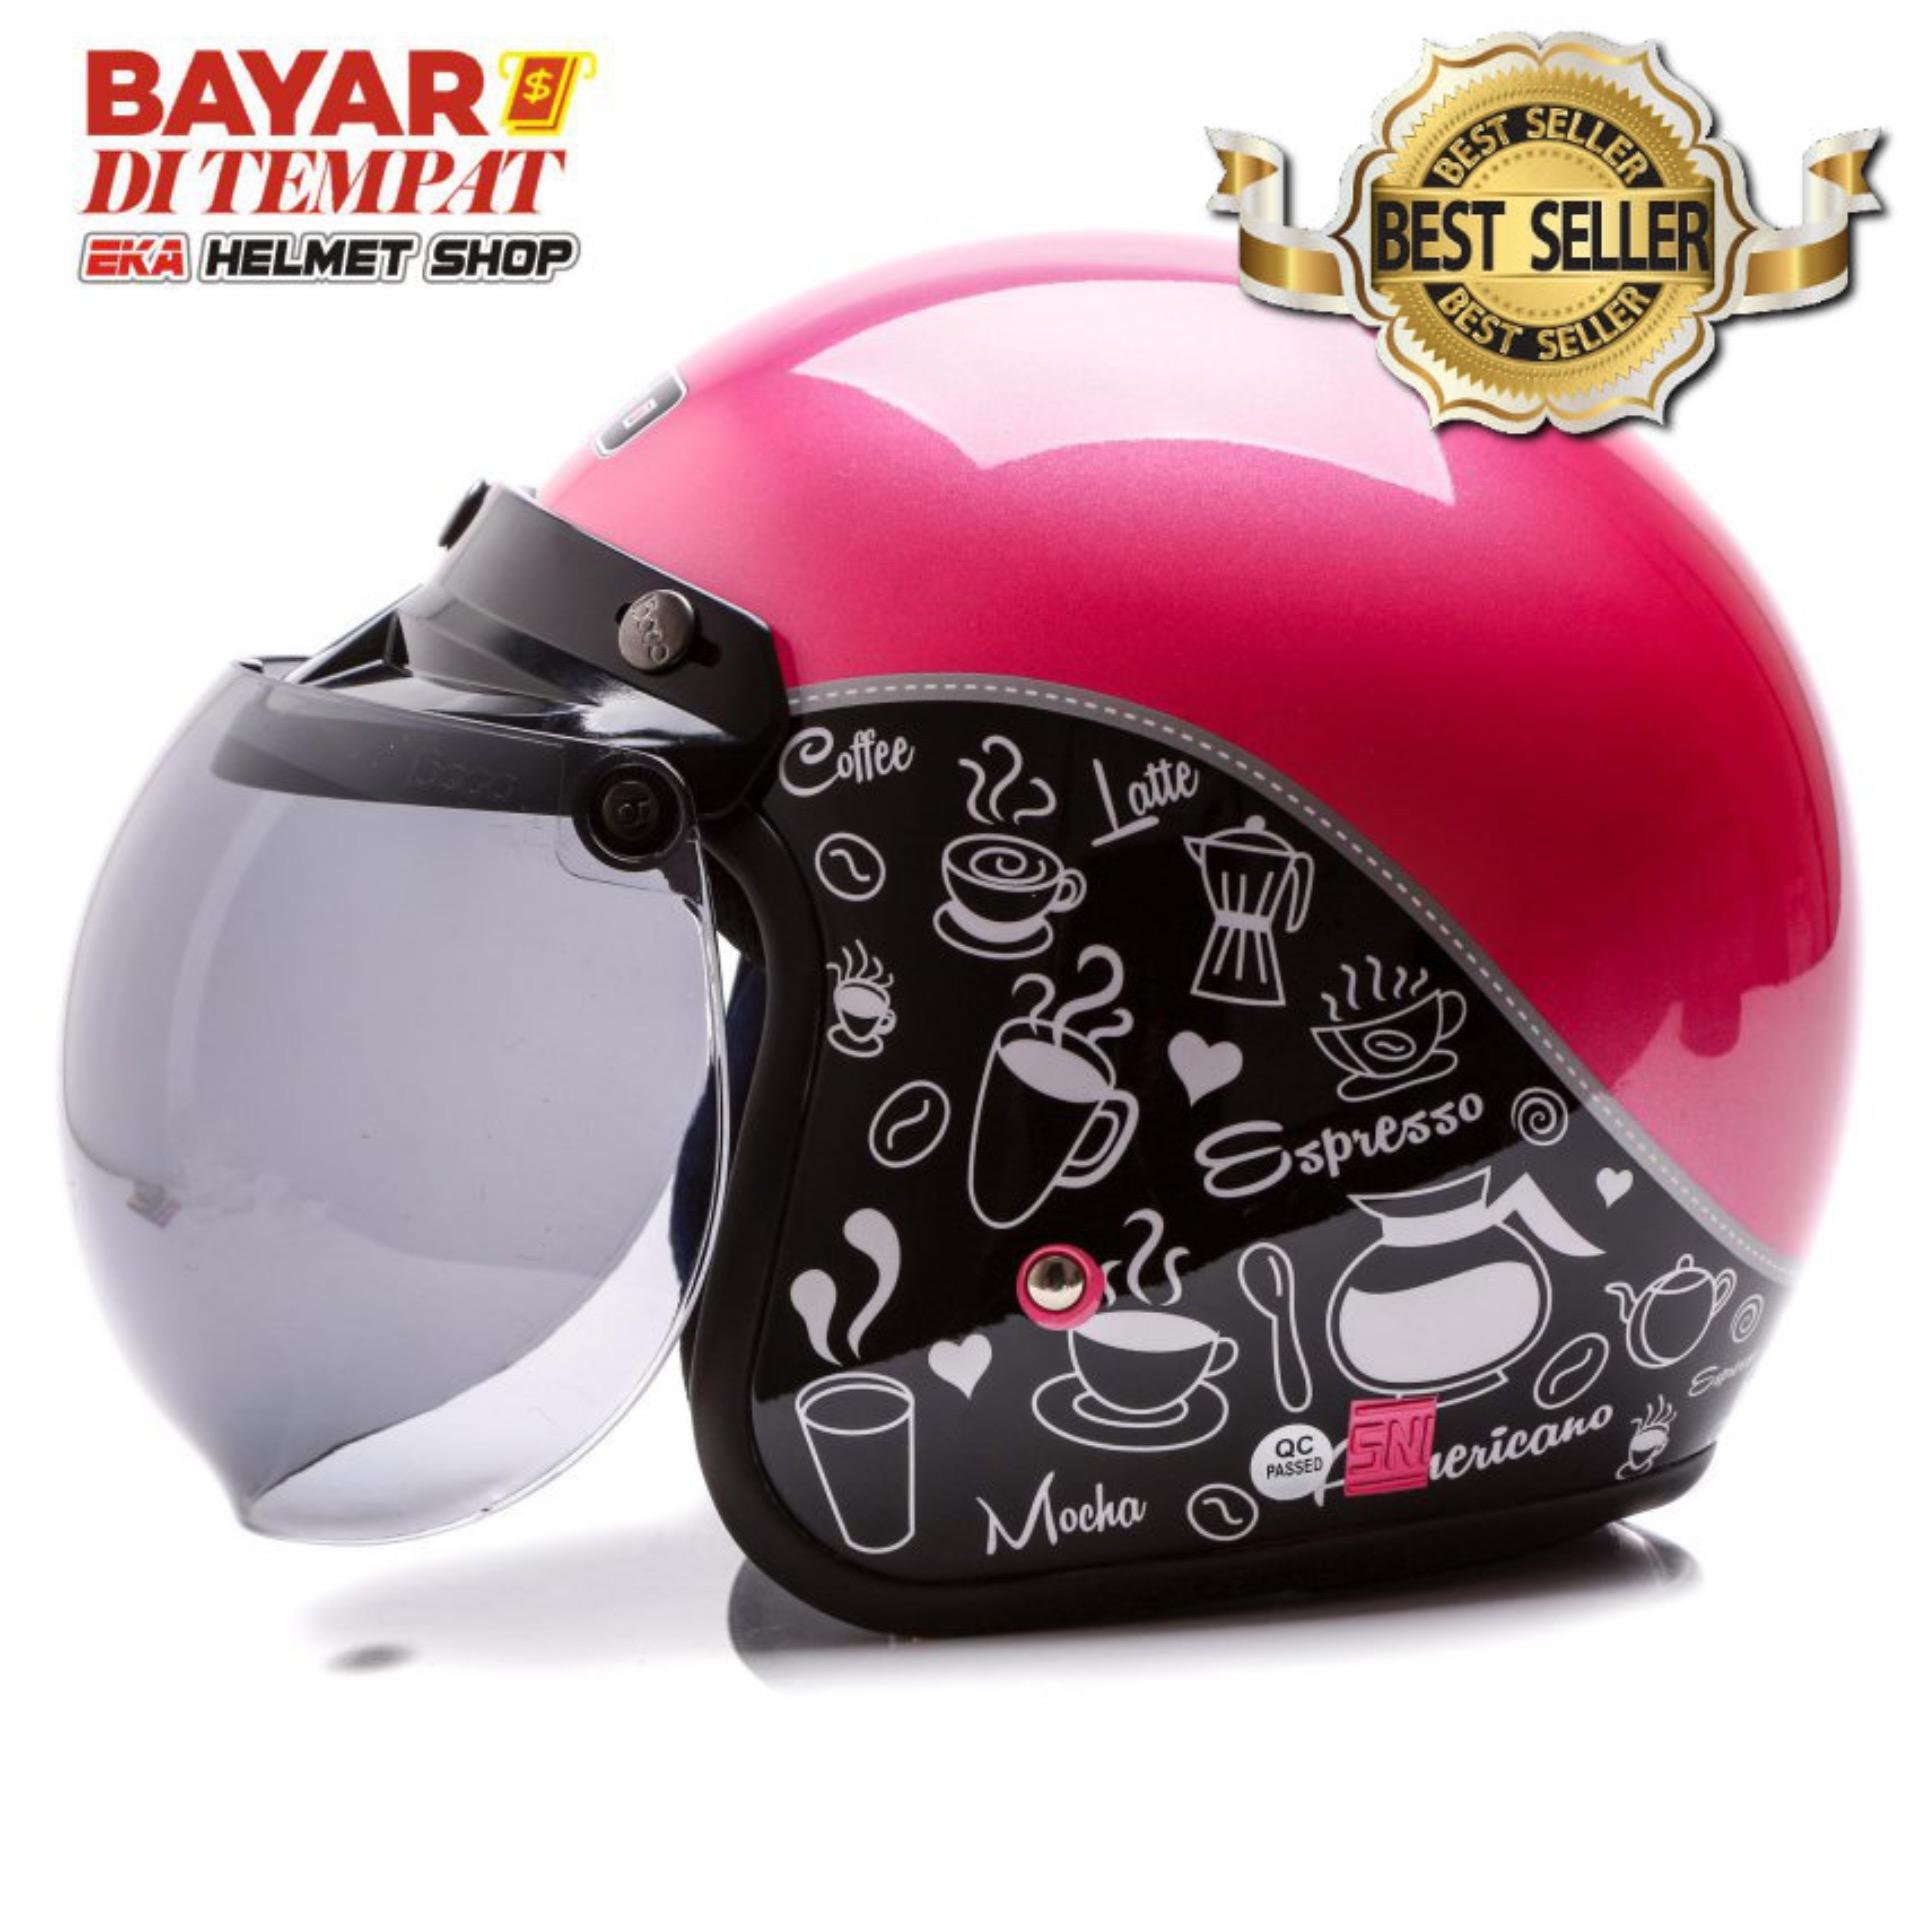 Jual Produk Wto Helmet Terlengkap Helm Bogo Kulit Untuk Dewasa Pria Dan Wanita Retro Classic Coffee Hitam Pink